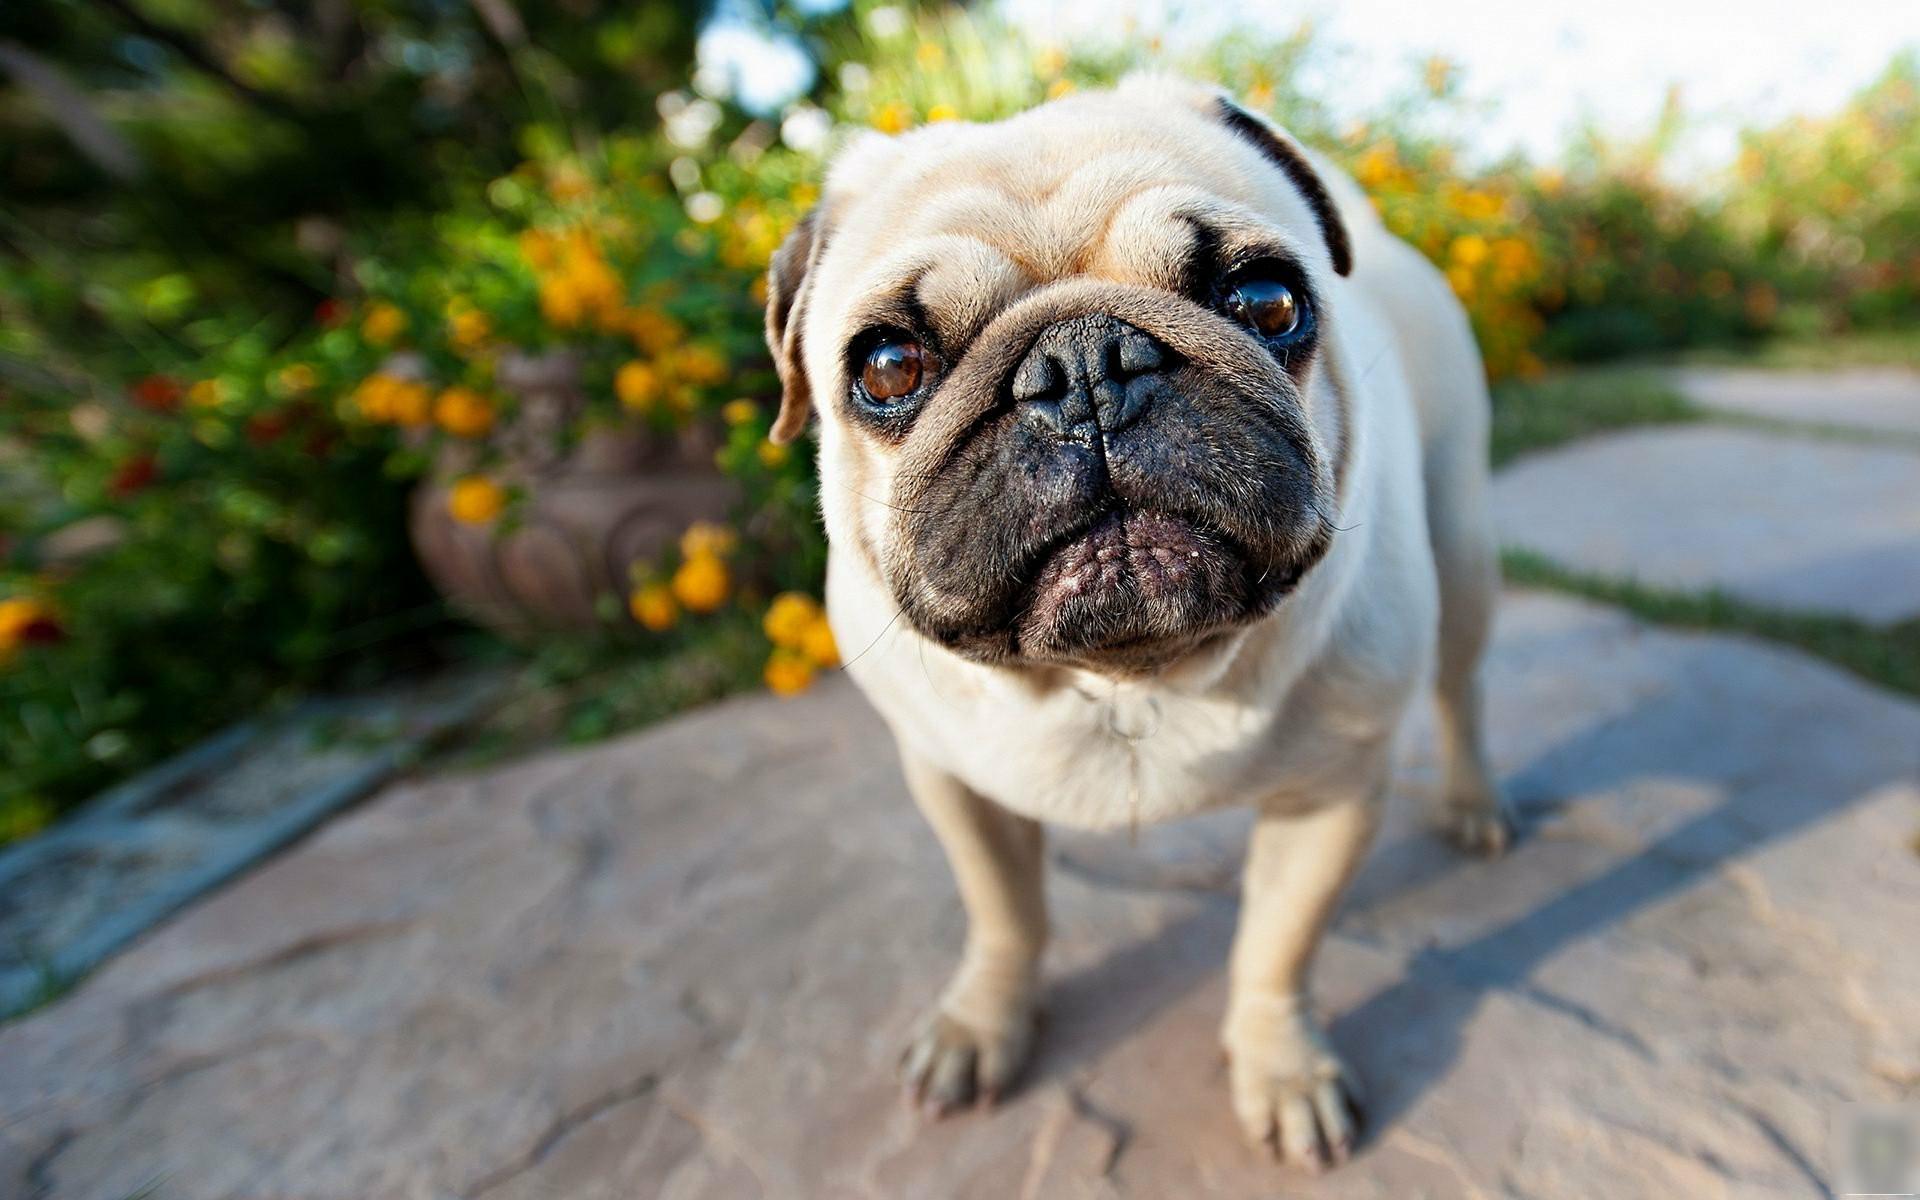 国内常见的5种宠物狗,不仅产自中国,价格都在1000元以..